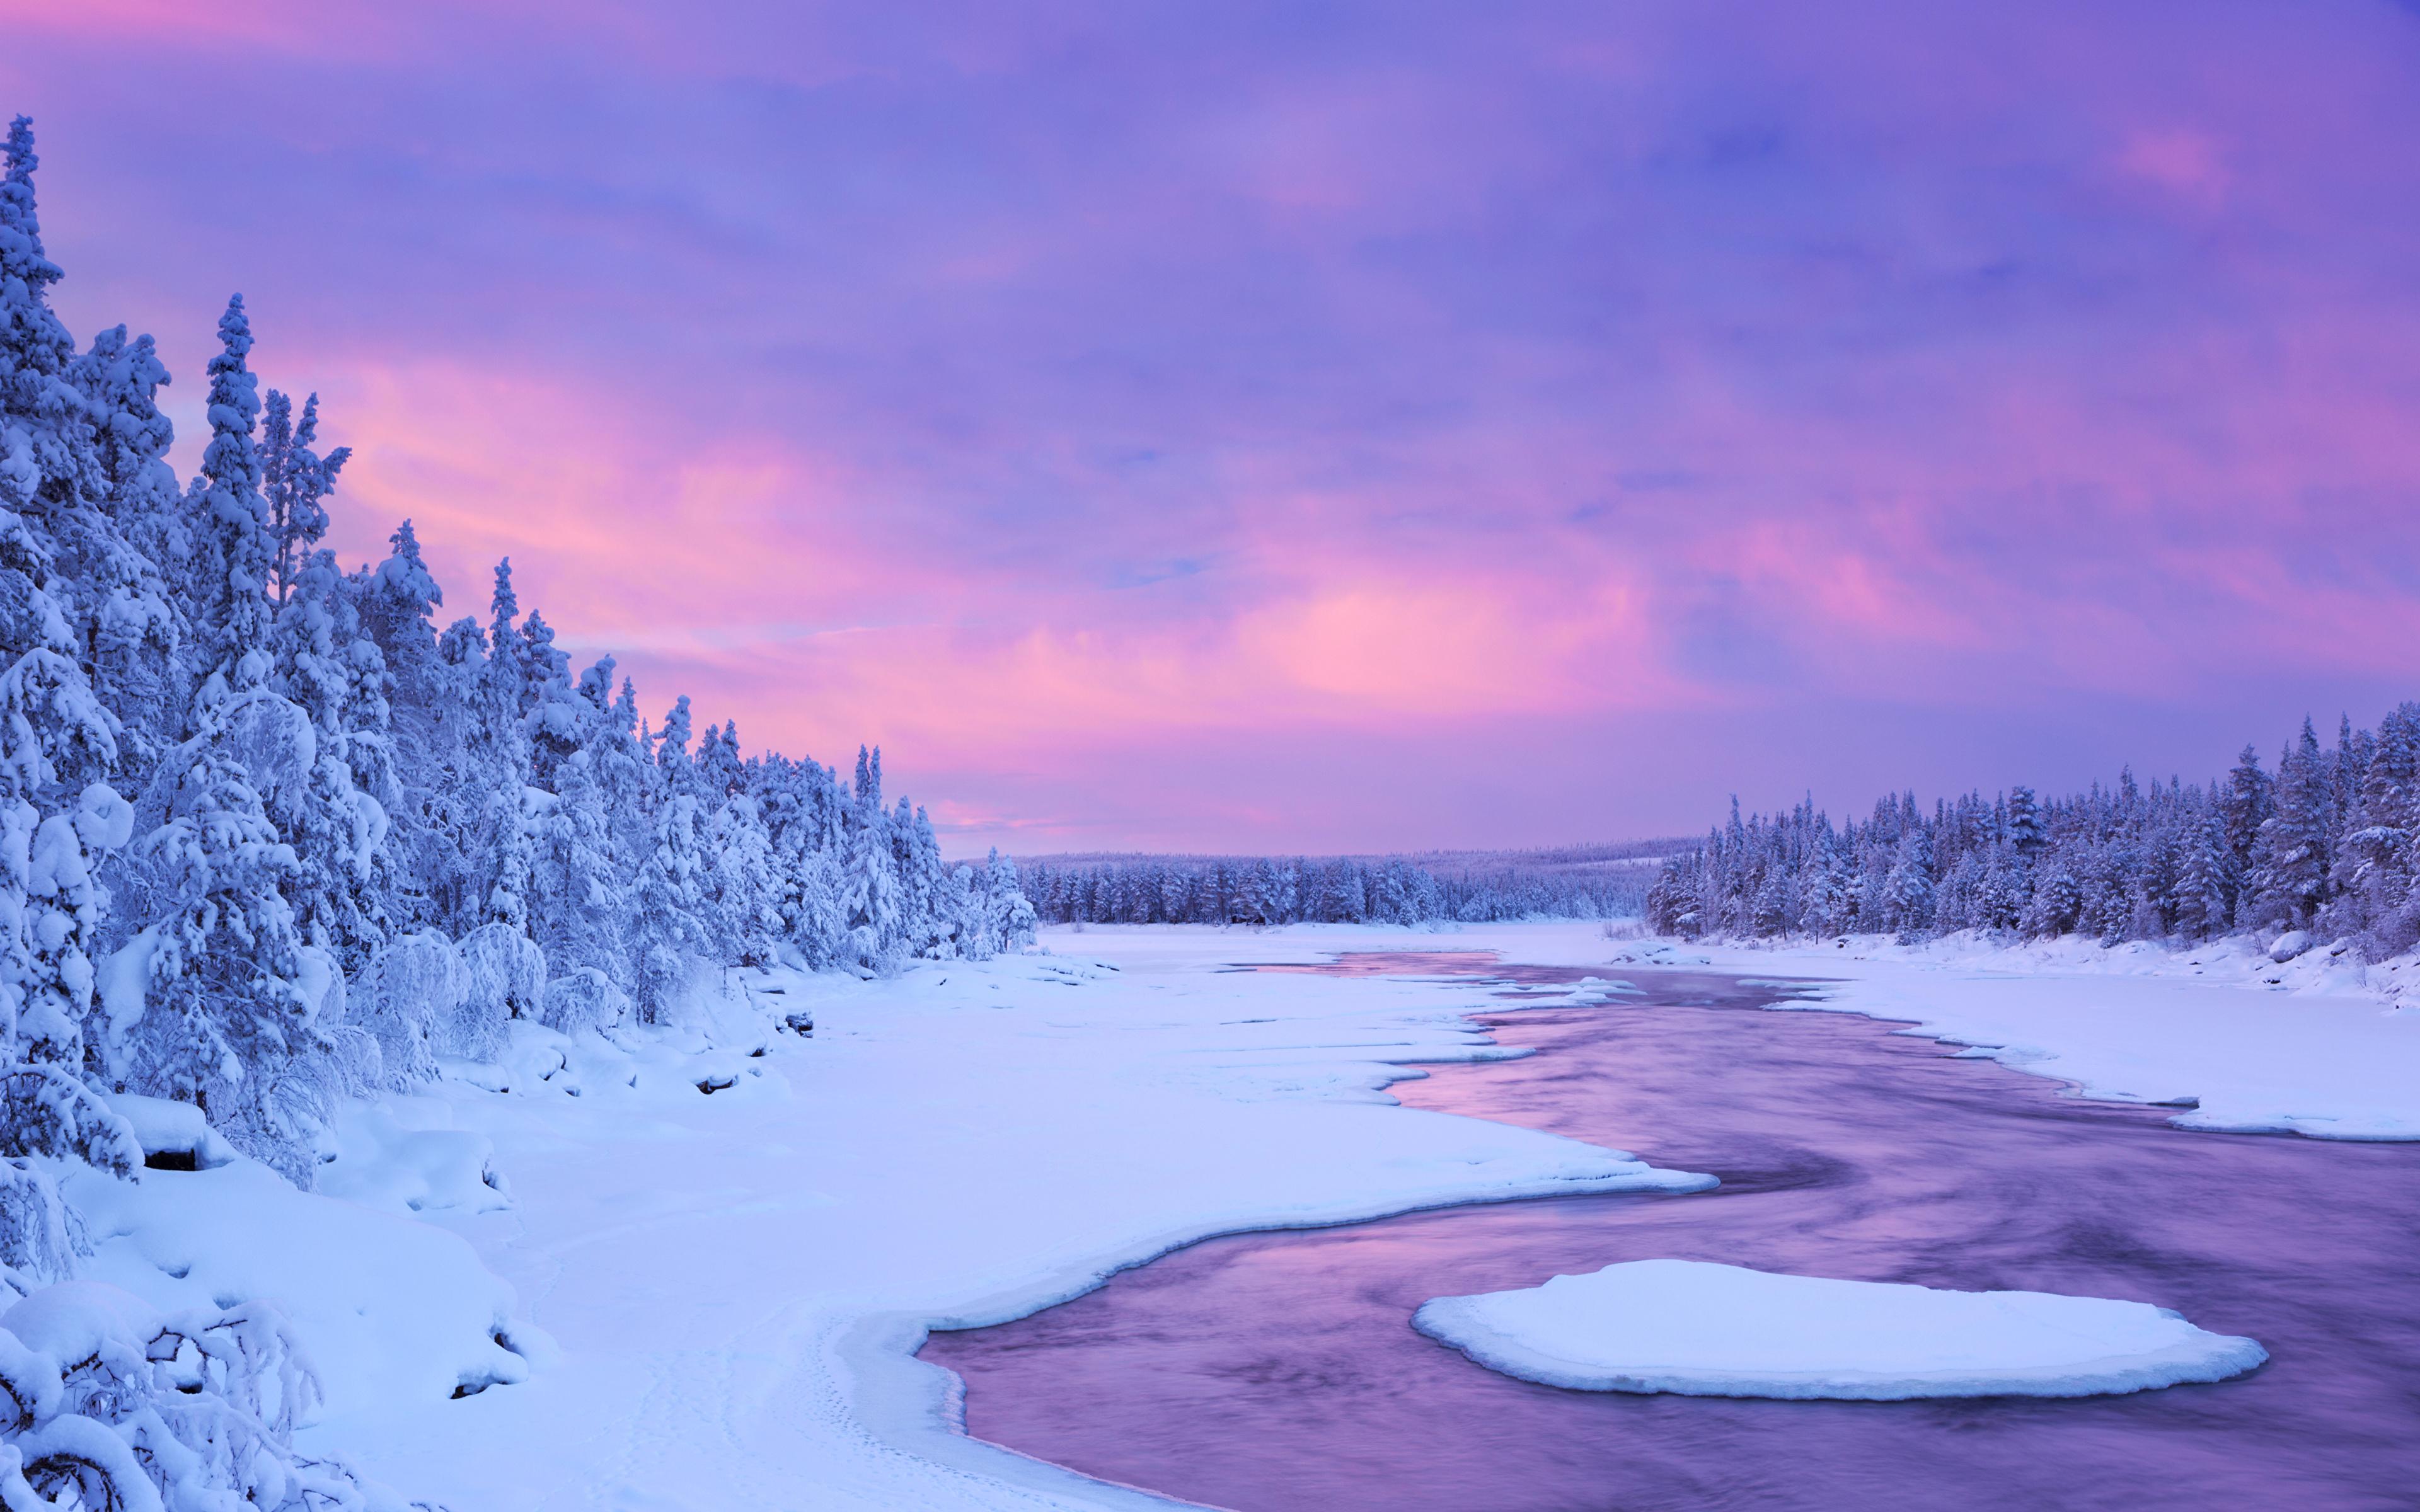 Fonds d'ecran 3840x2400 Laponie région Finlande Hiver Ciel Neige Picea Nature télécharger photo